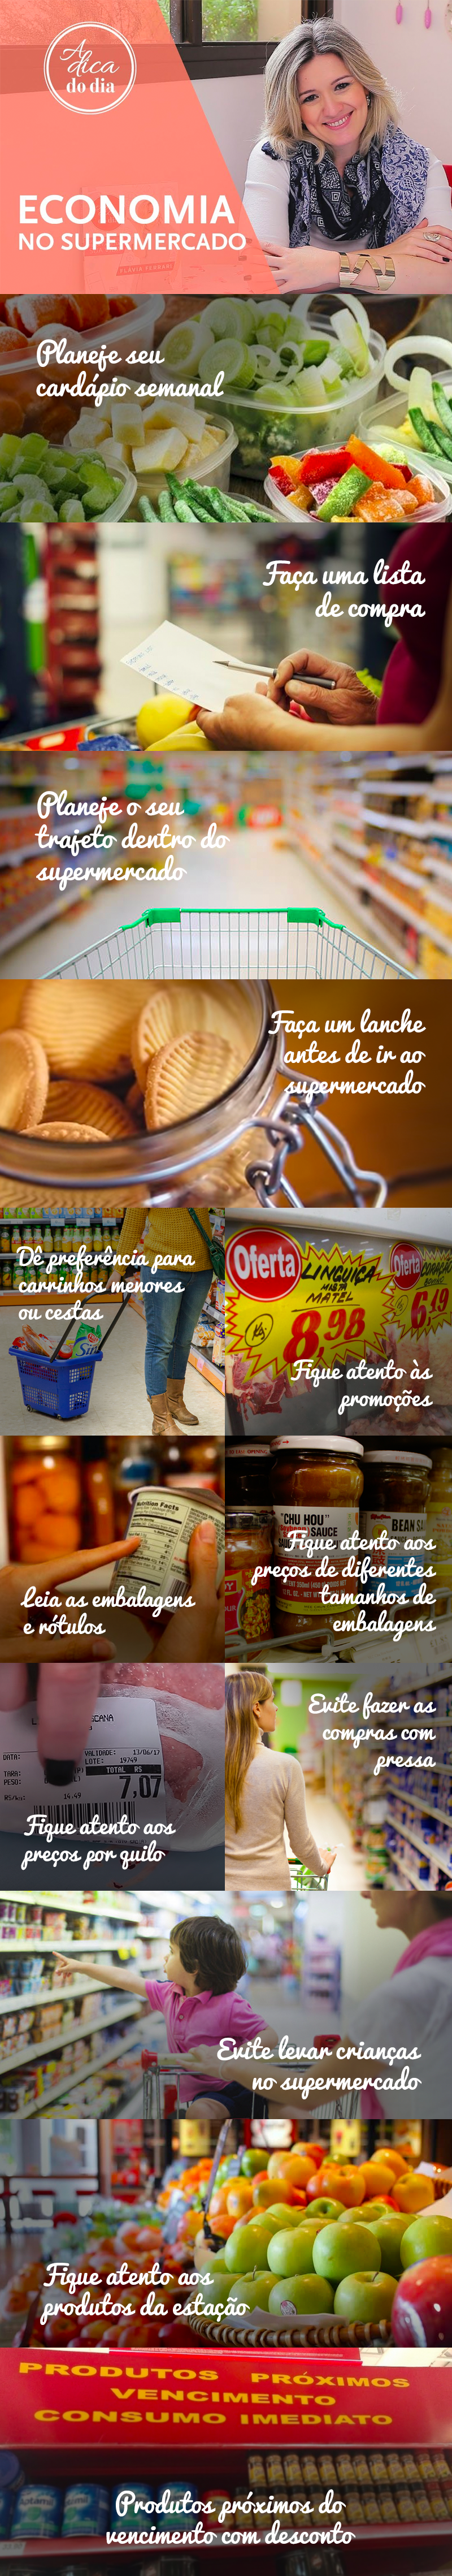 Aprenda a reduzir os gastos, aprenda como economizar no supermercado